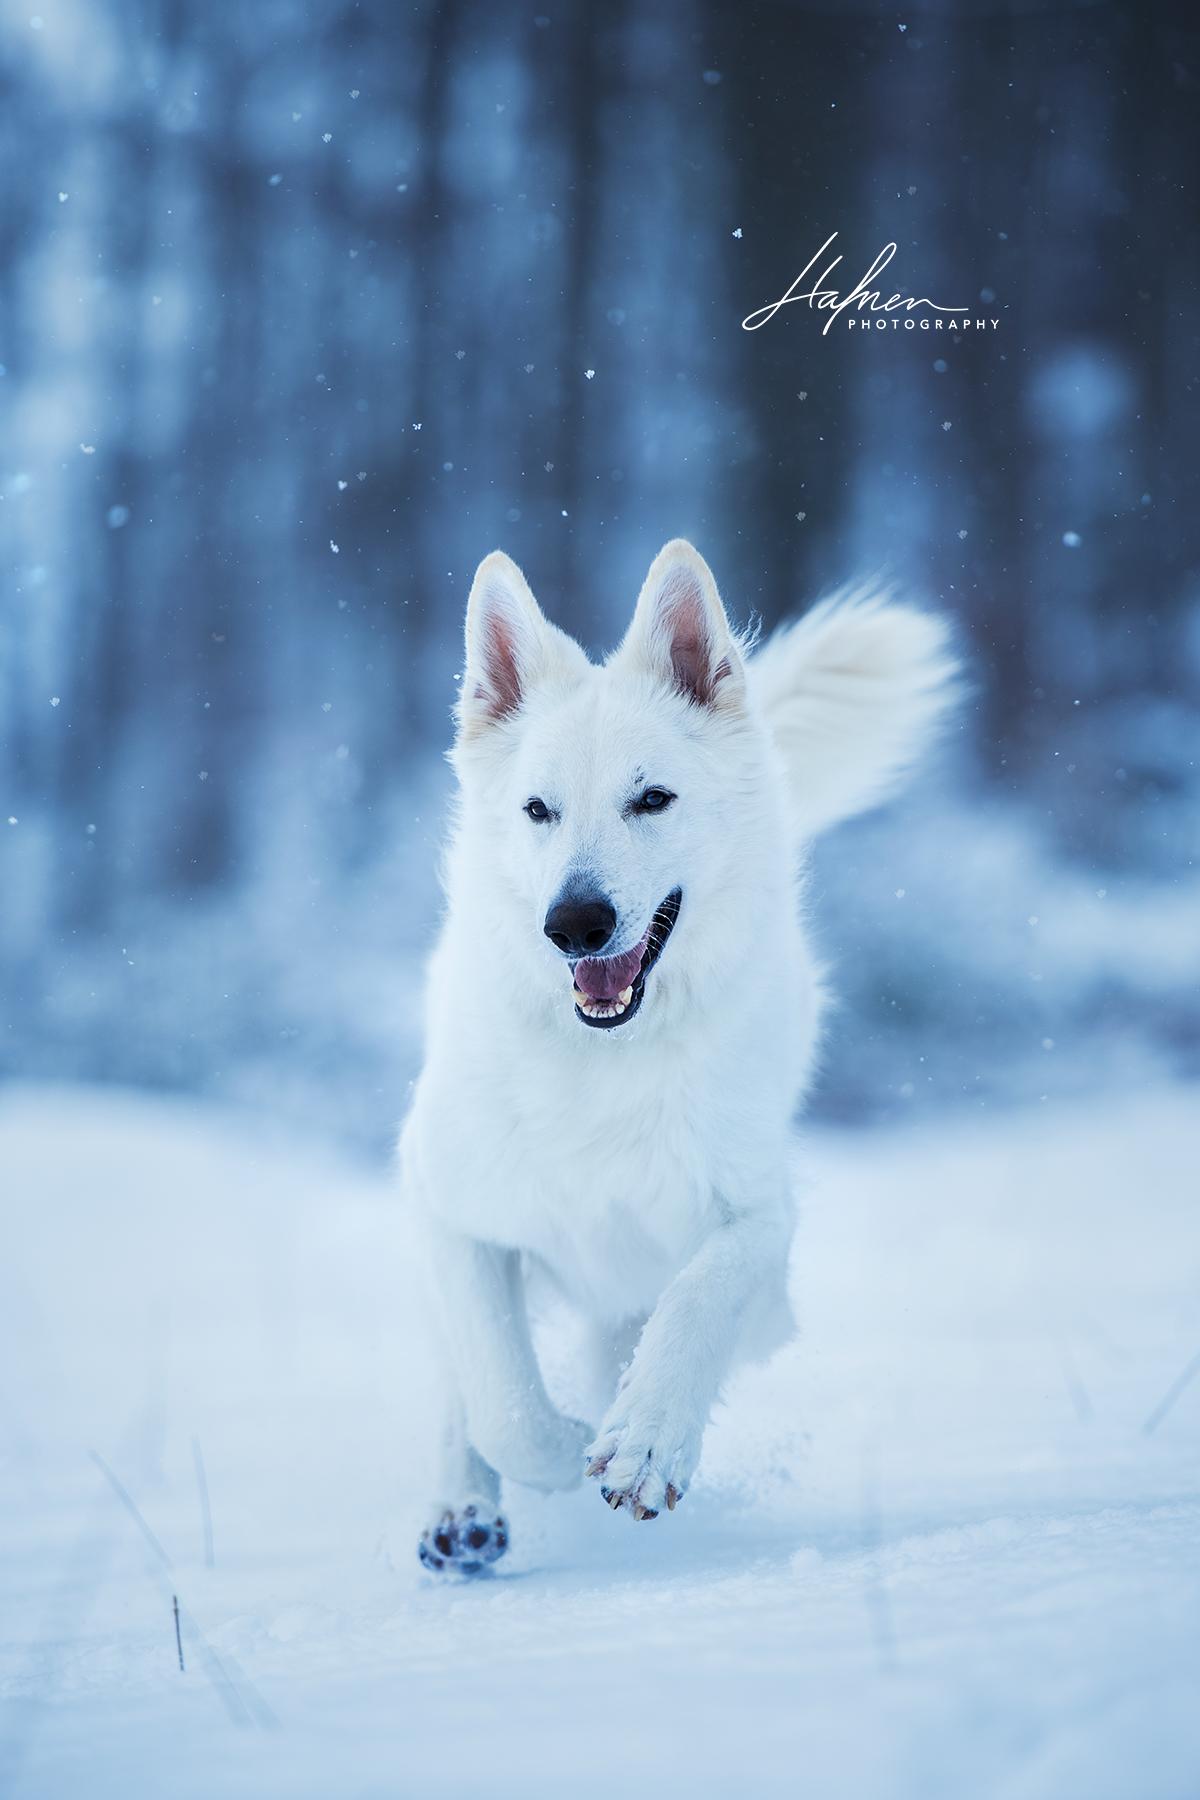 Weisser schweizer Schäferhund springt in Winterlandschaft